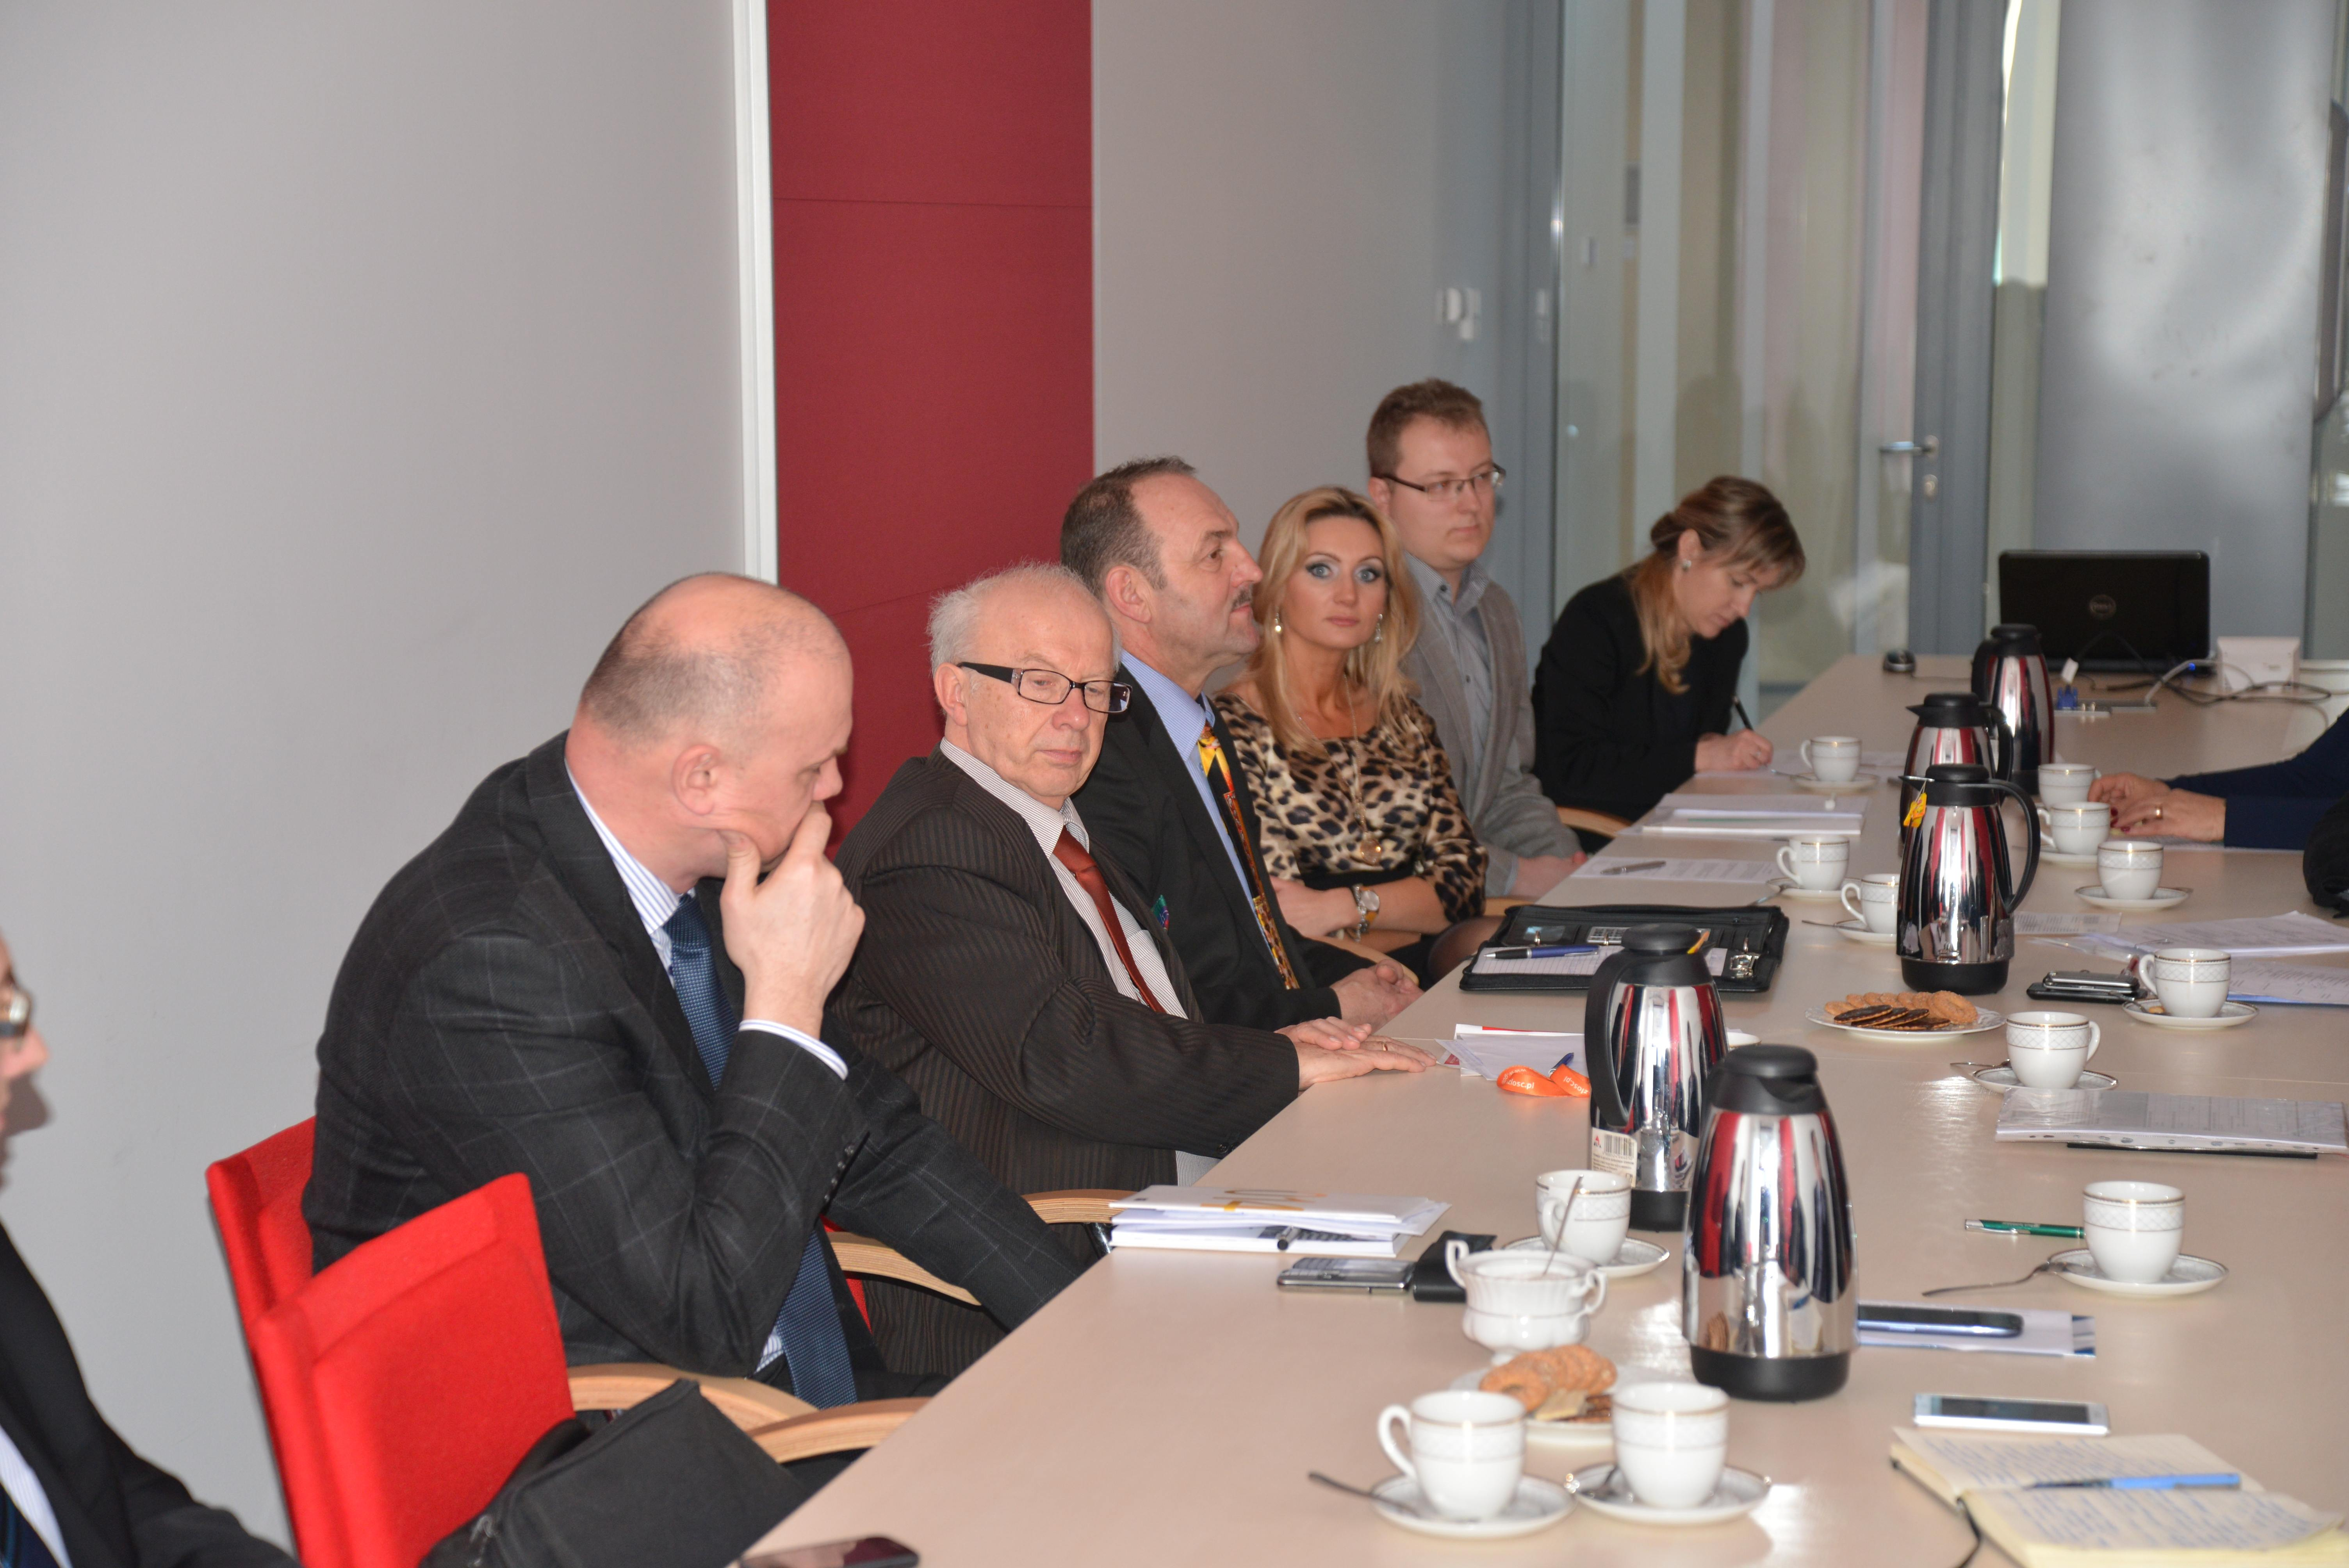 Spotkanie Rady Partnerów ds. Biznesu i Przedsiębiorczości Wydziału Zarządzania i Administracji Uniwersytetu Jana Kochanowskiego w Kielcach